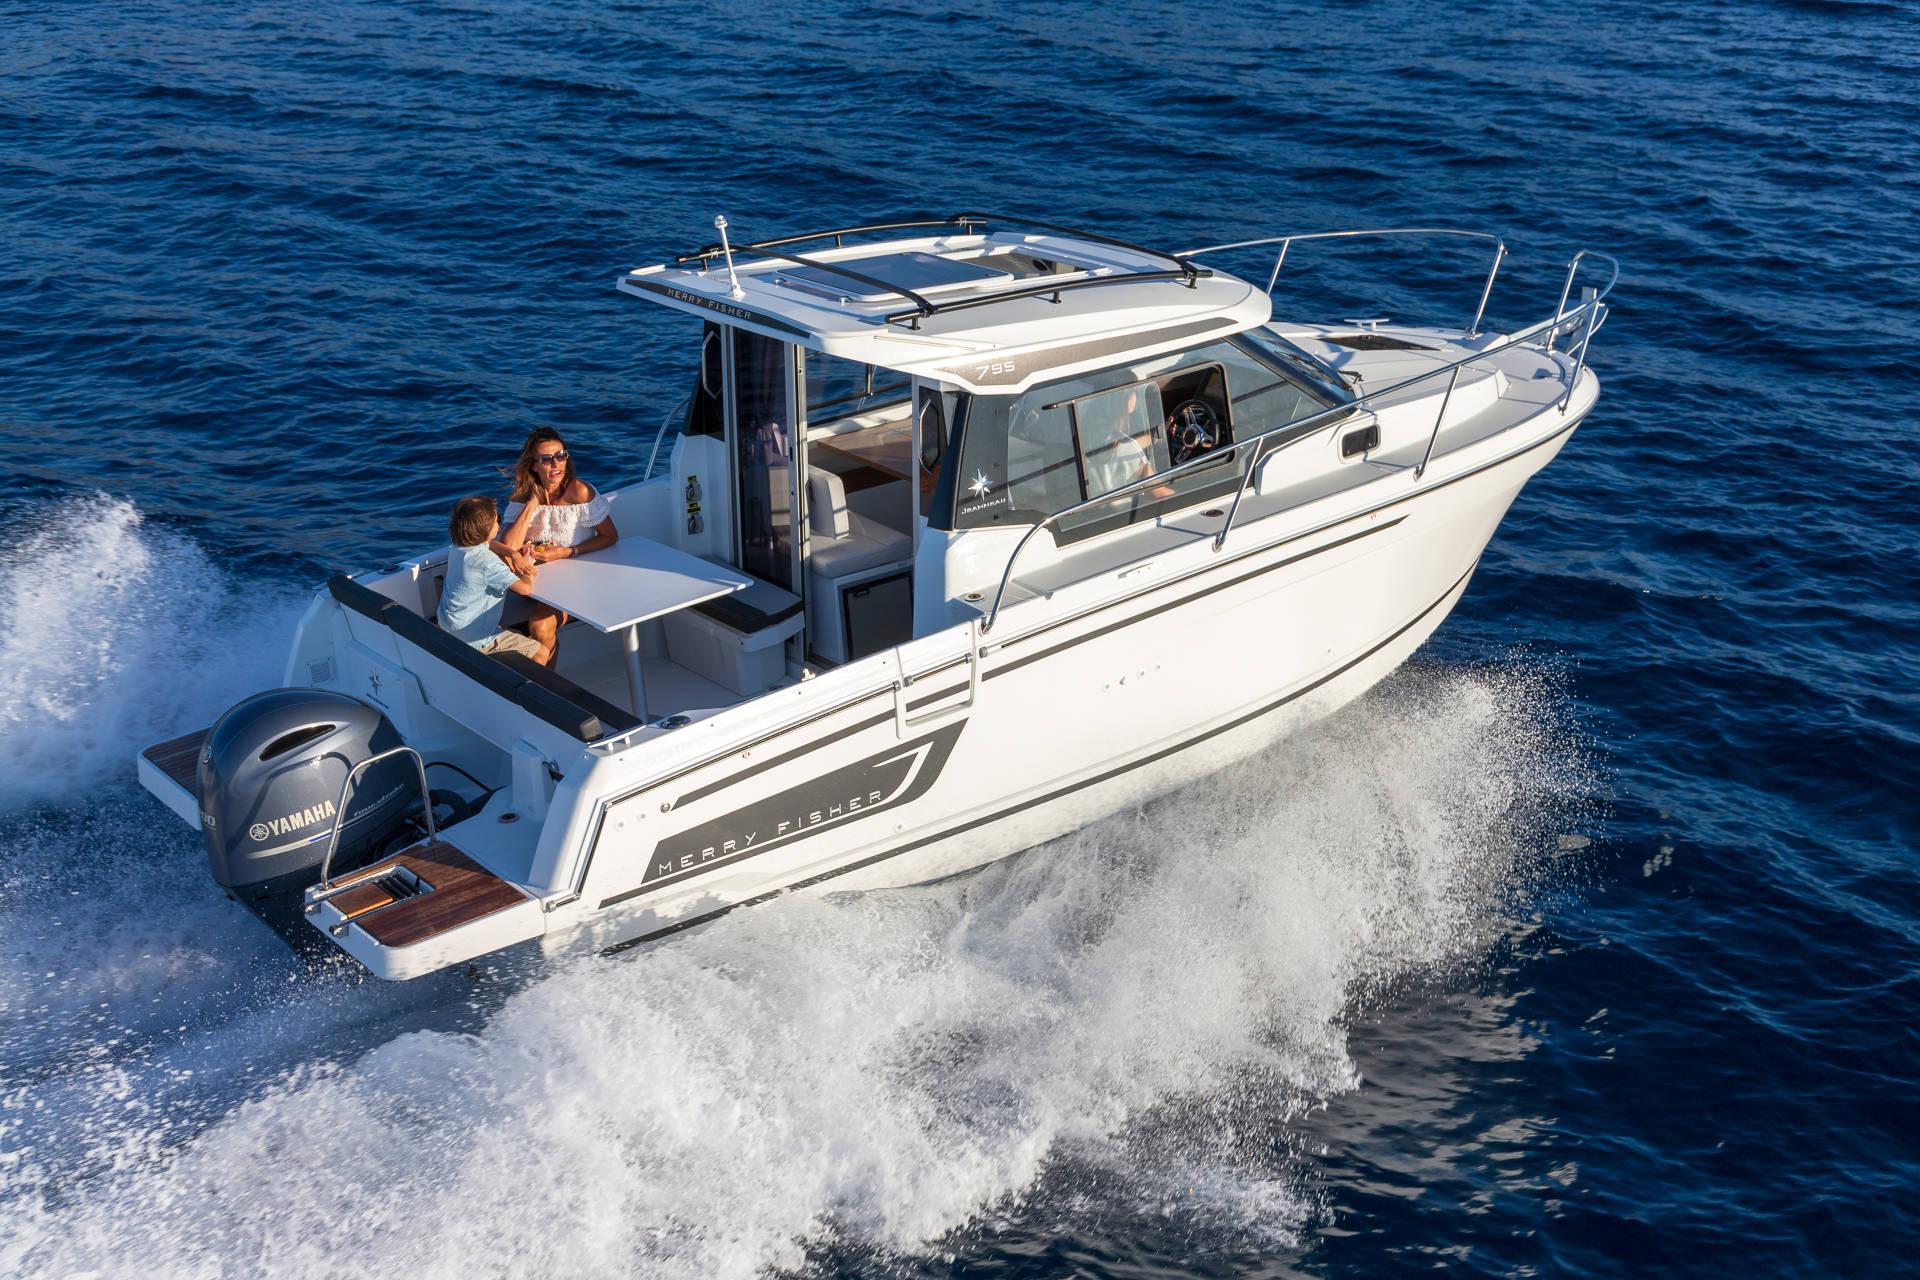 Le migliori barche da pesca 2021 - Jeanneau Merry Fisher Serie 2